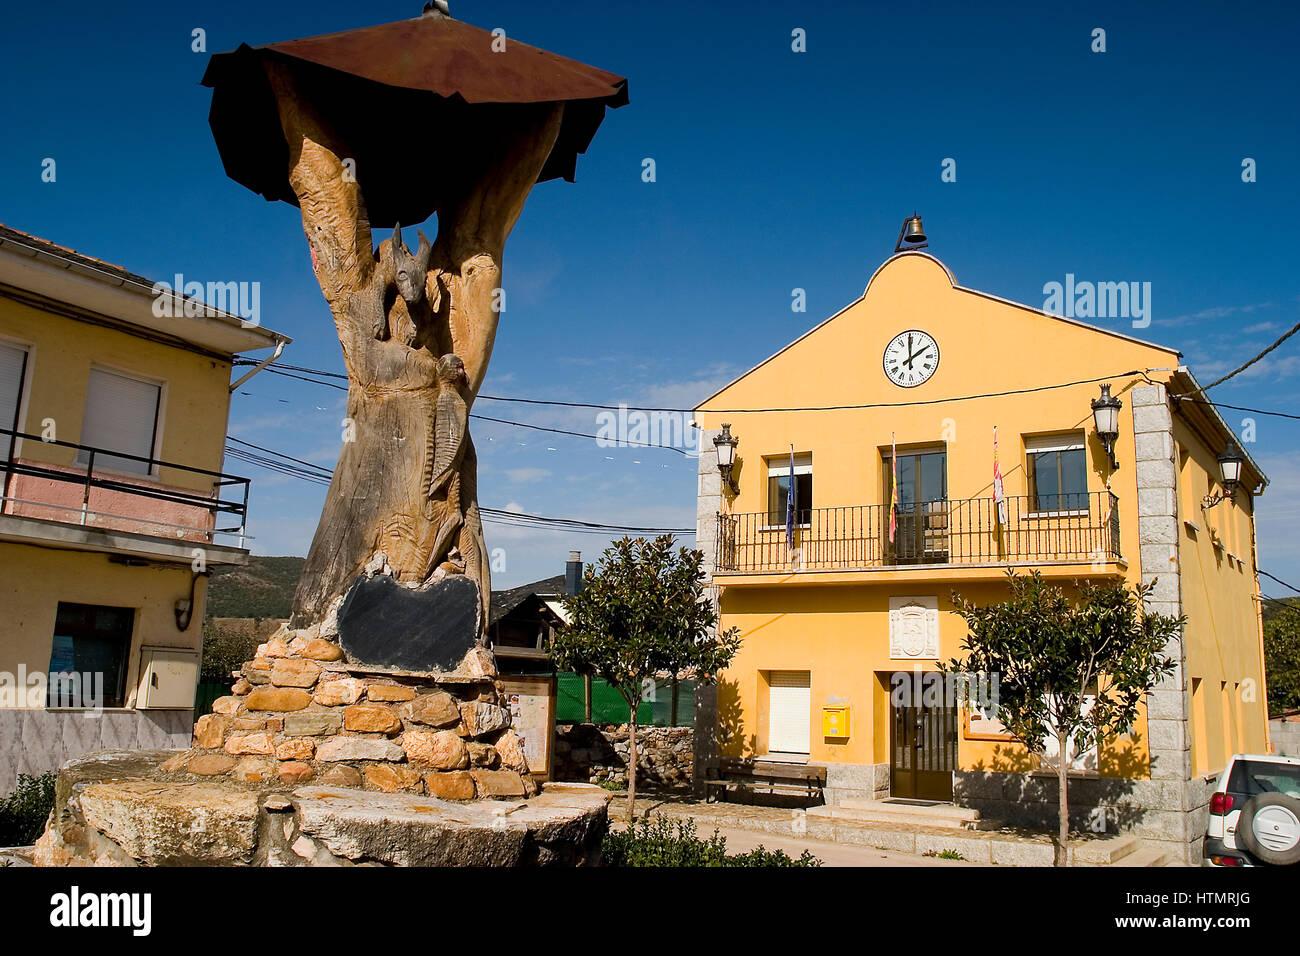 Borrenes village. El Bierzo county, Leon, Spain - Stock Image